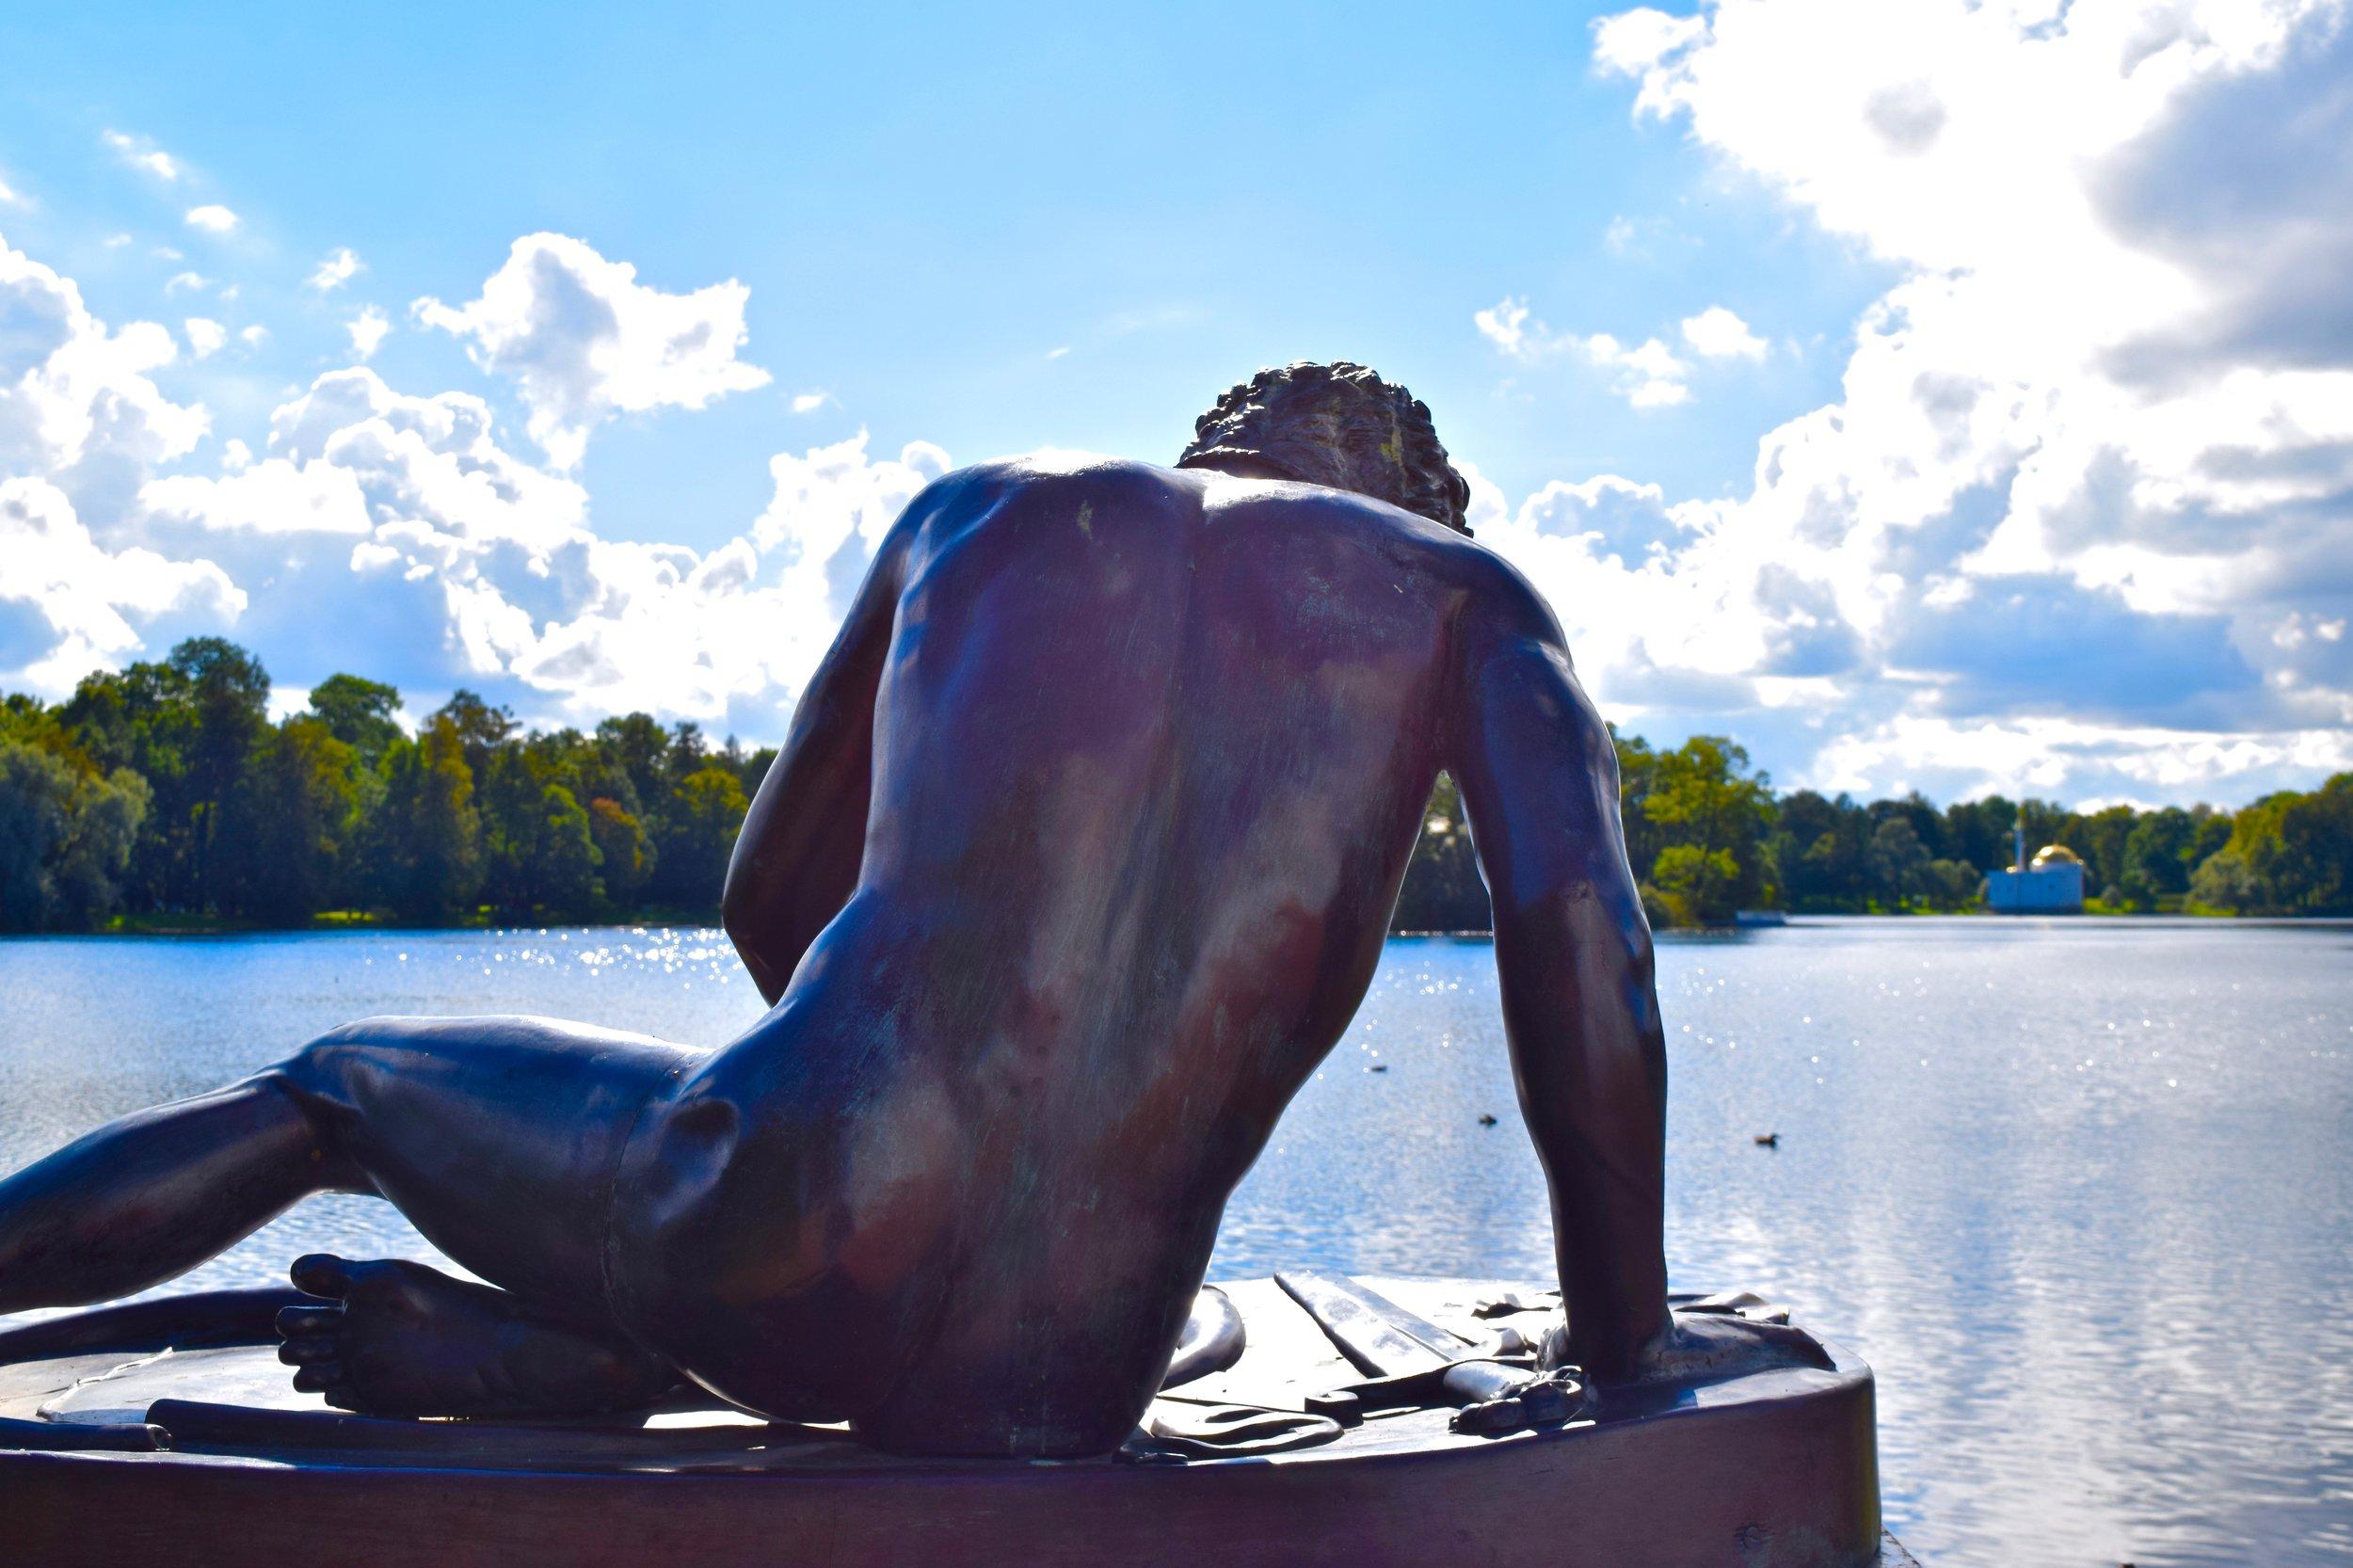 Lake in Catherine Park